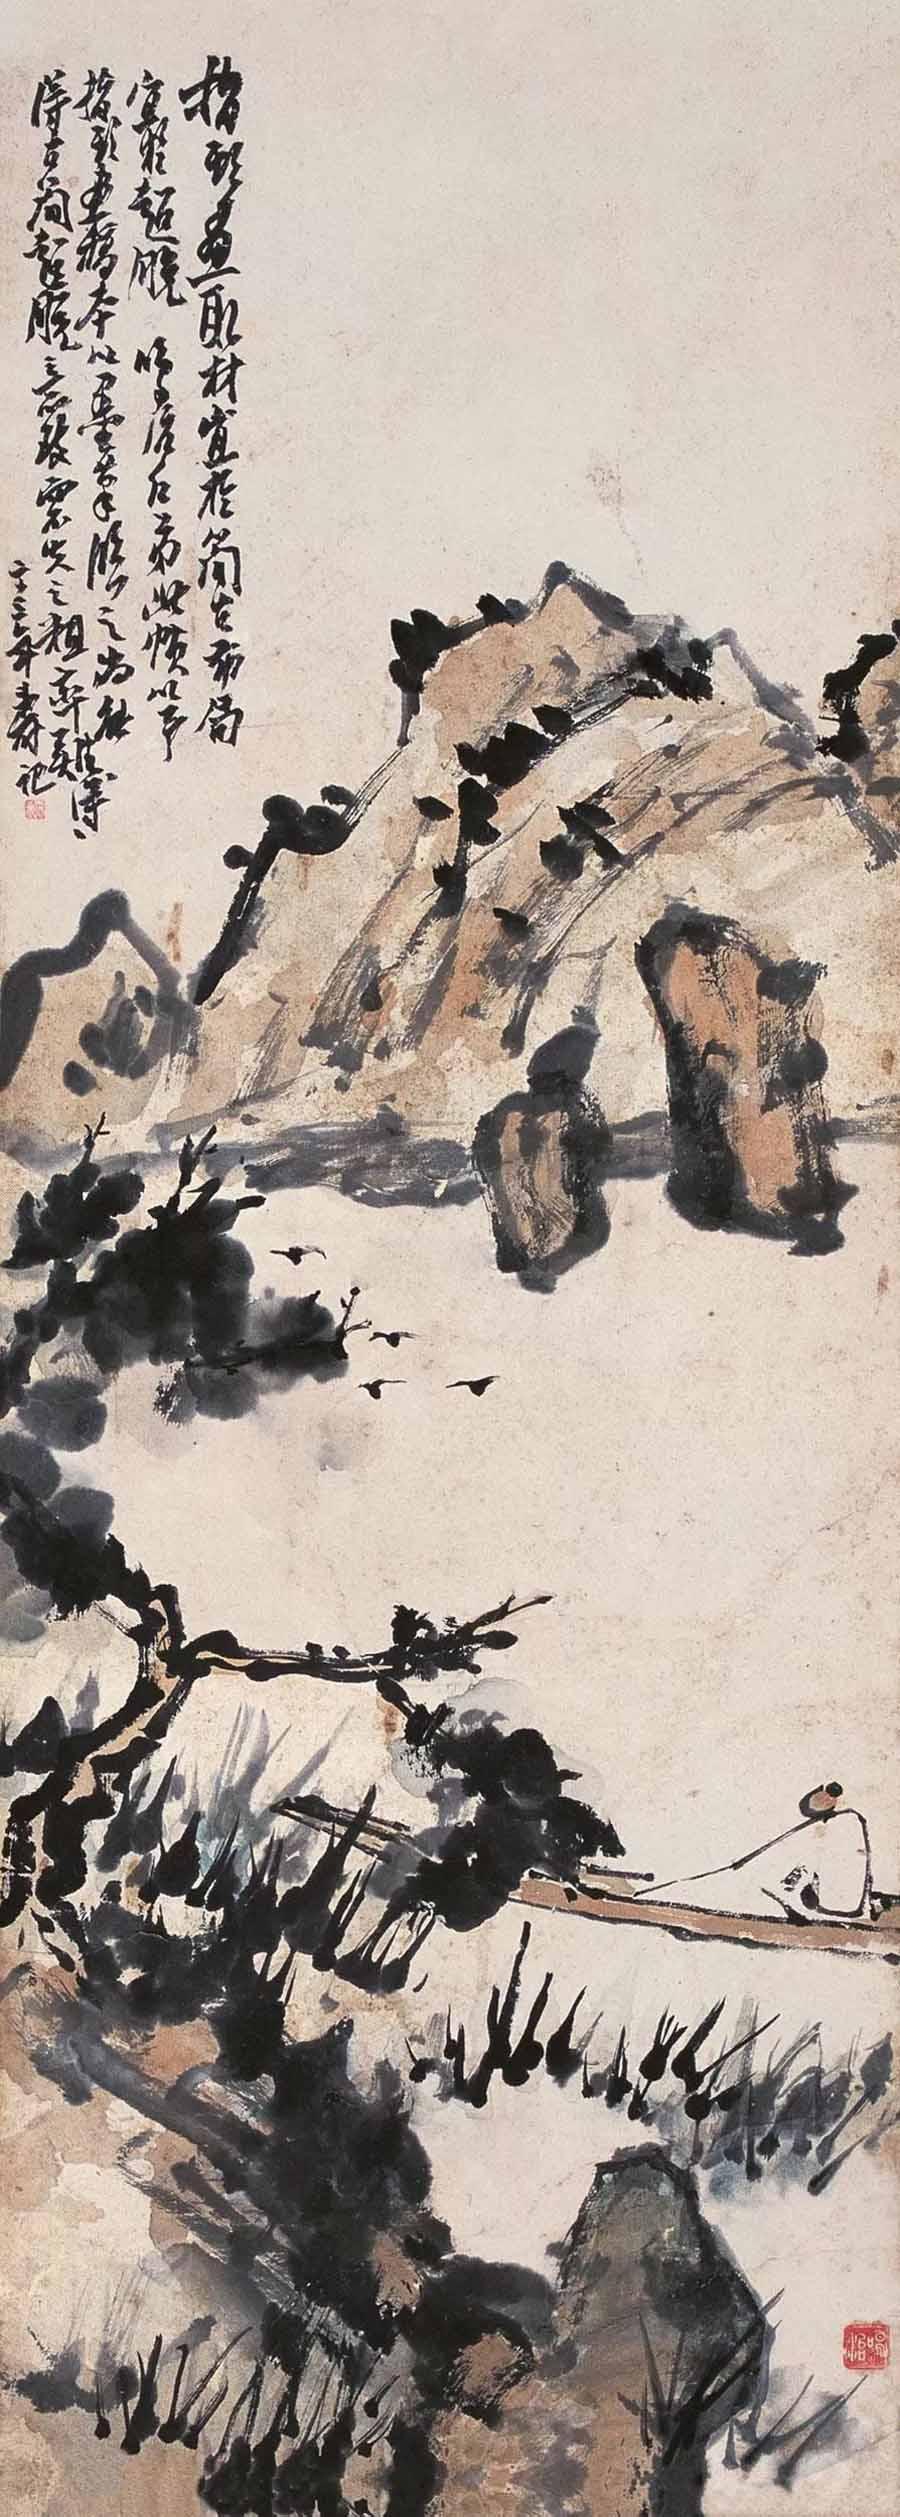 潘天寿 1934年作 山水画 92×34cm